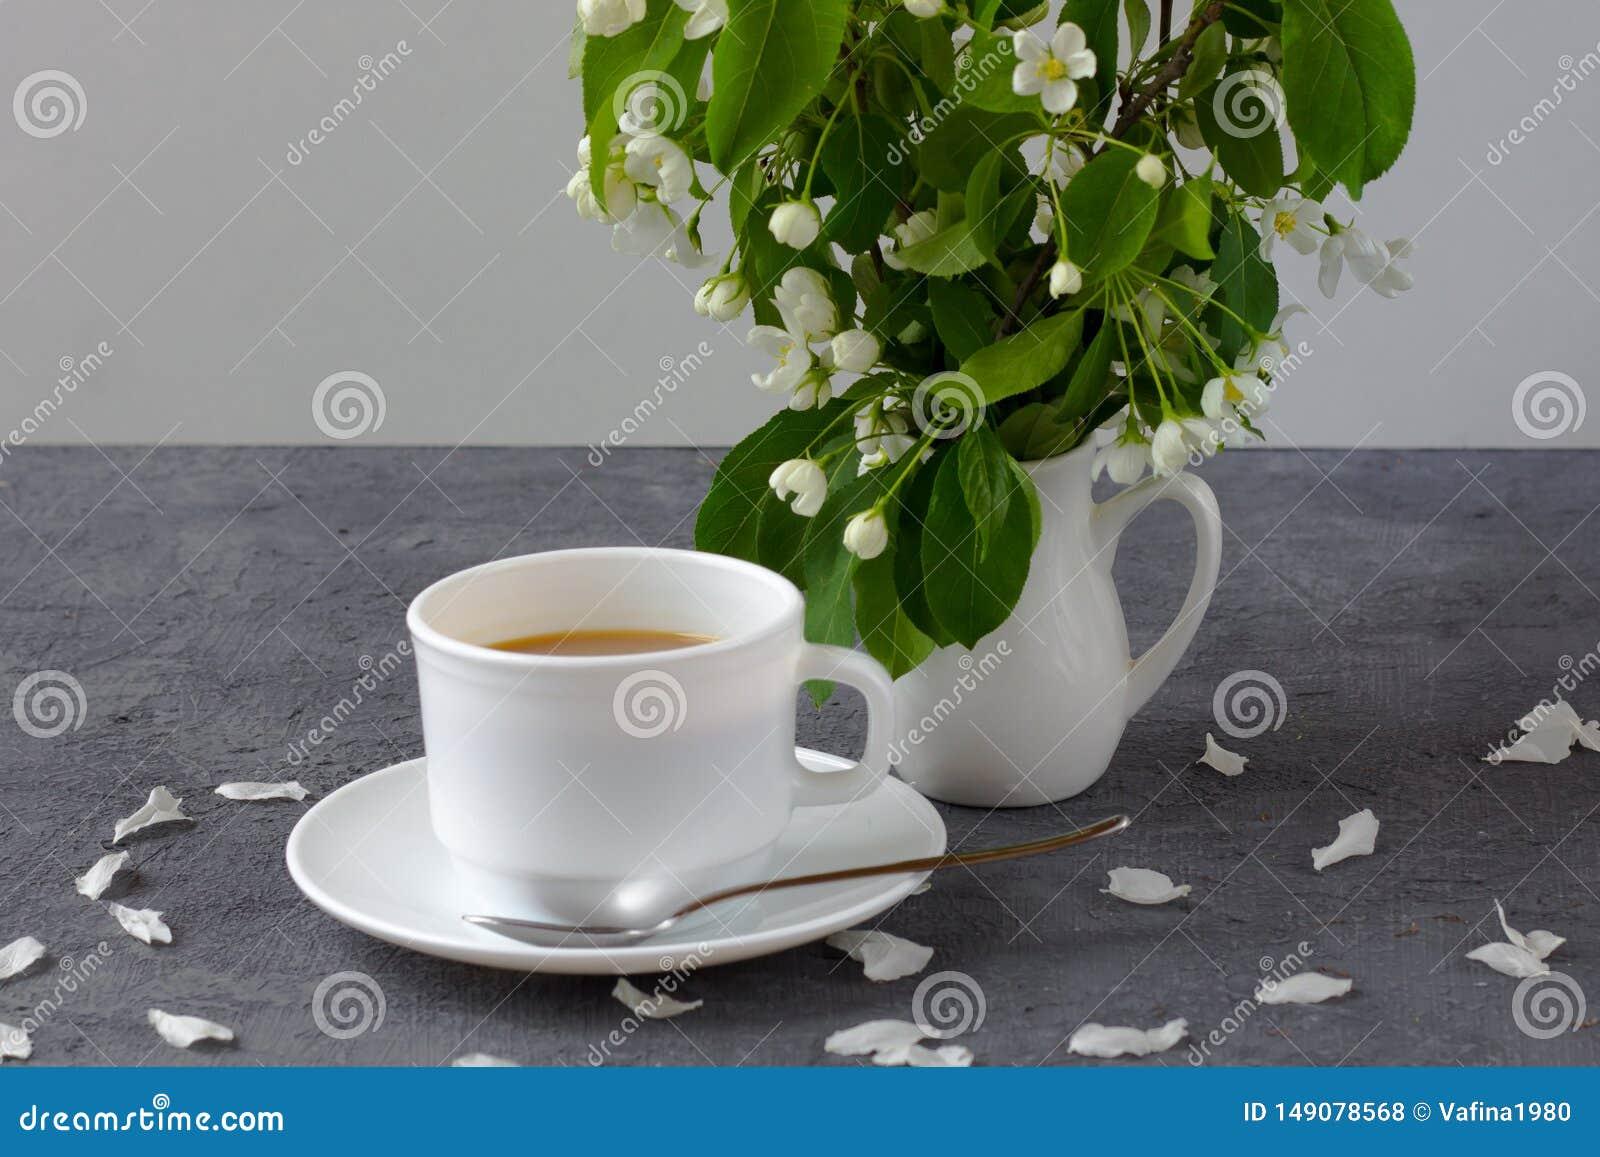 Entspannungszeit und Glück mit Tasse Kaffee mit unter frischer Frühlingsblume